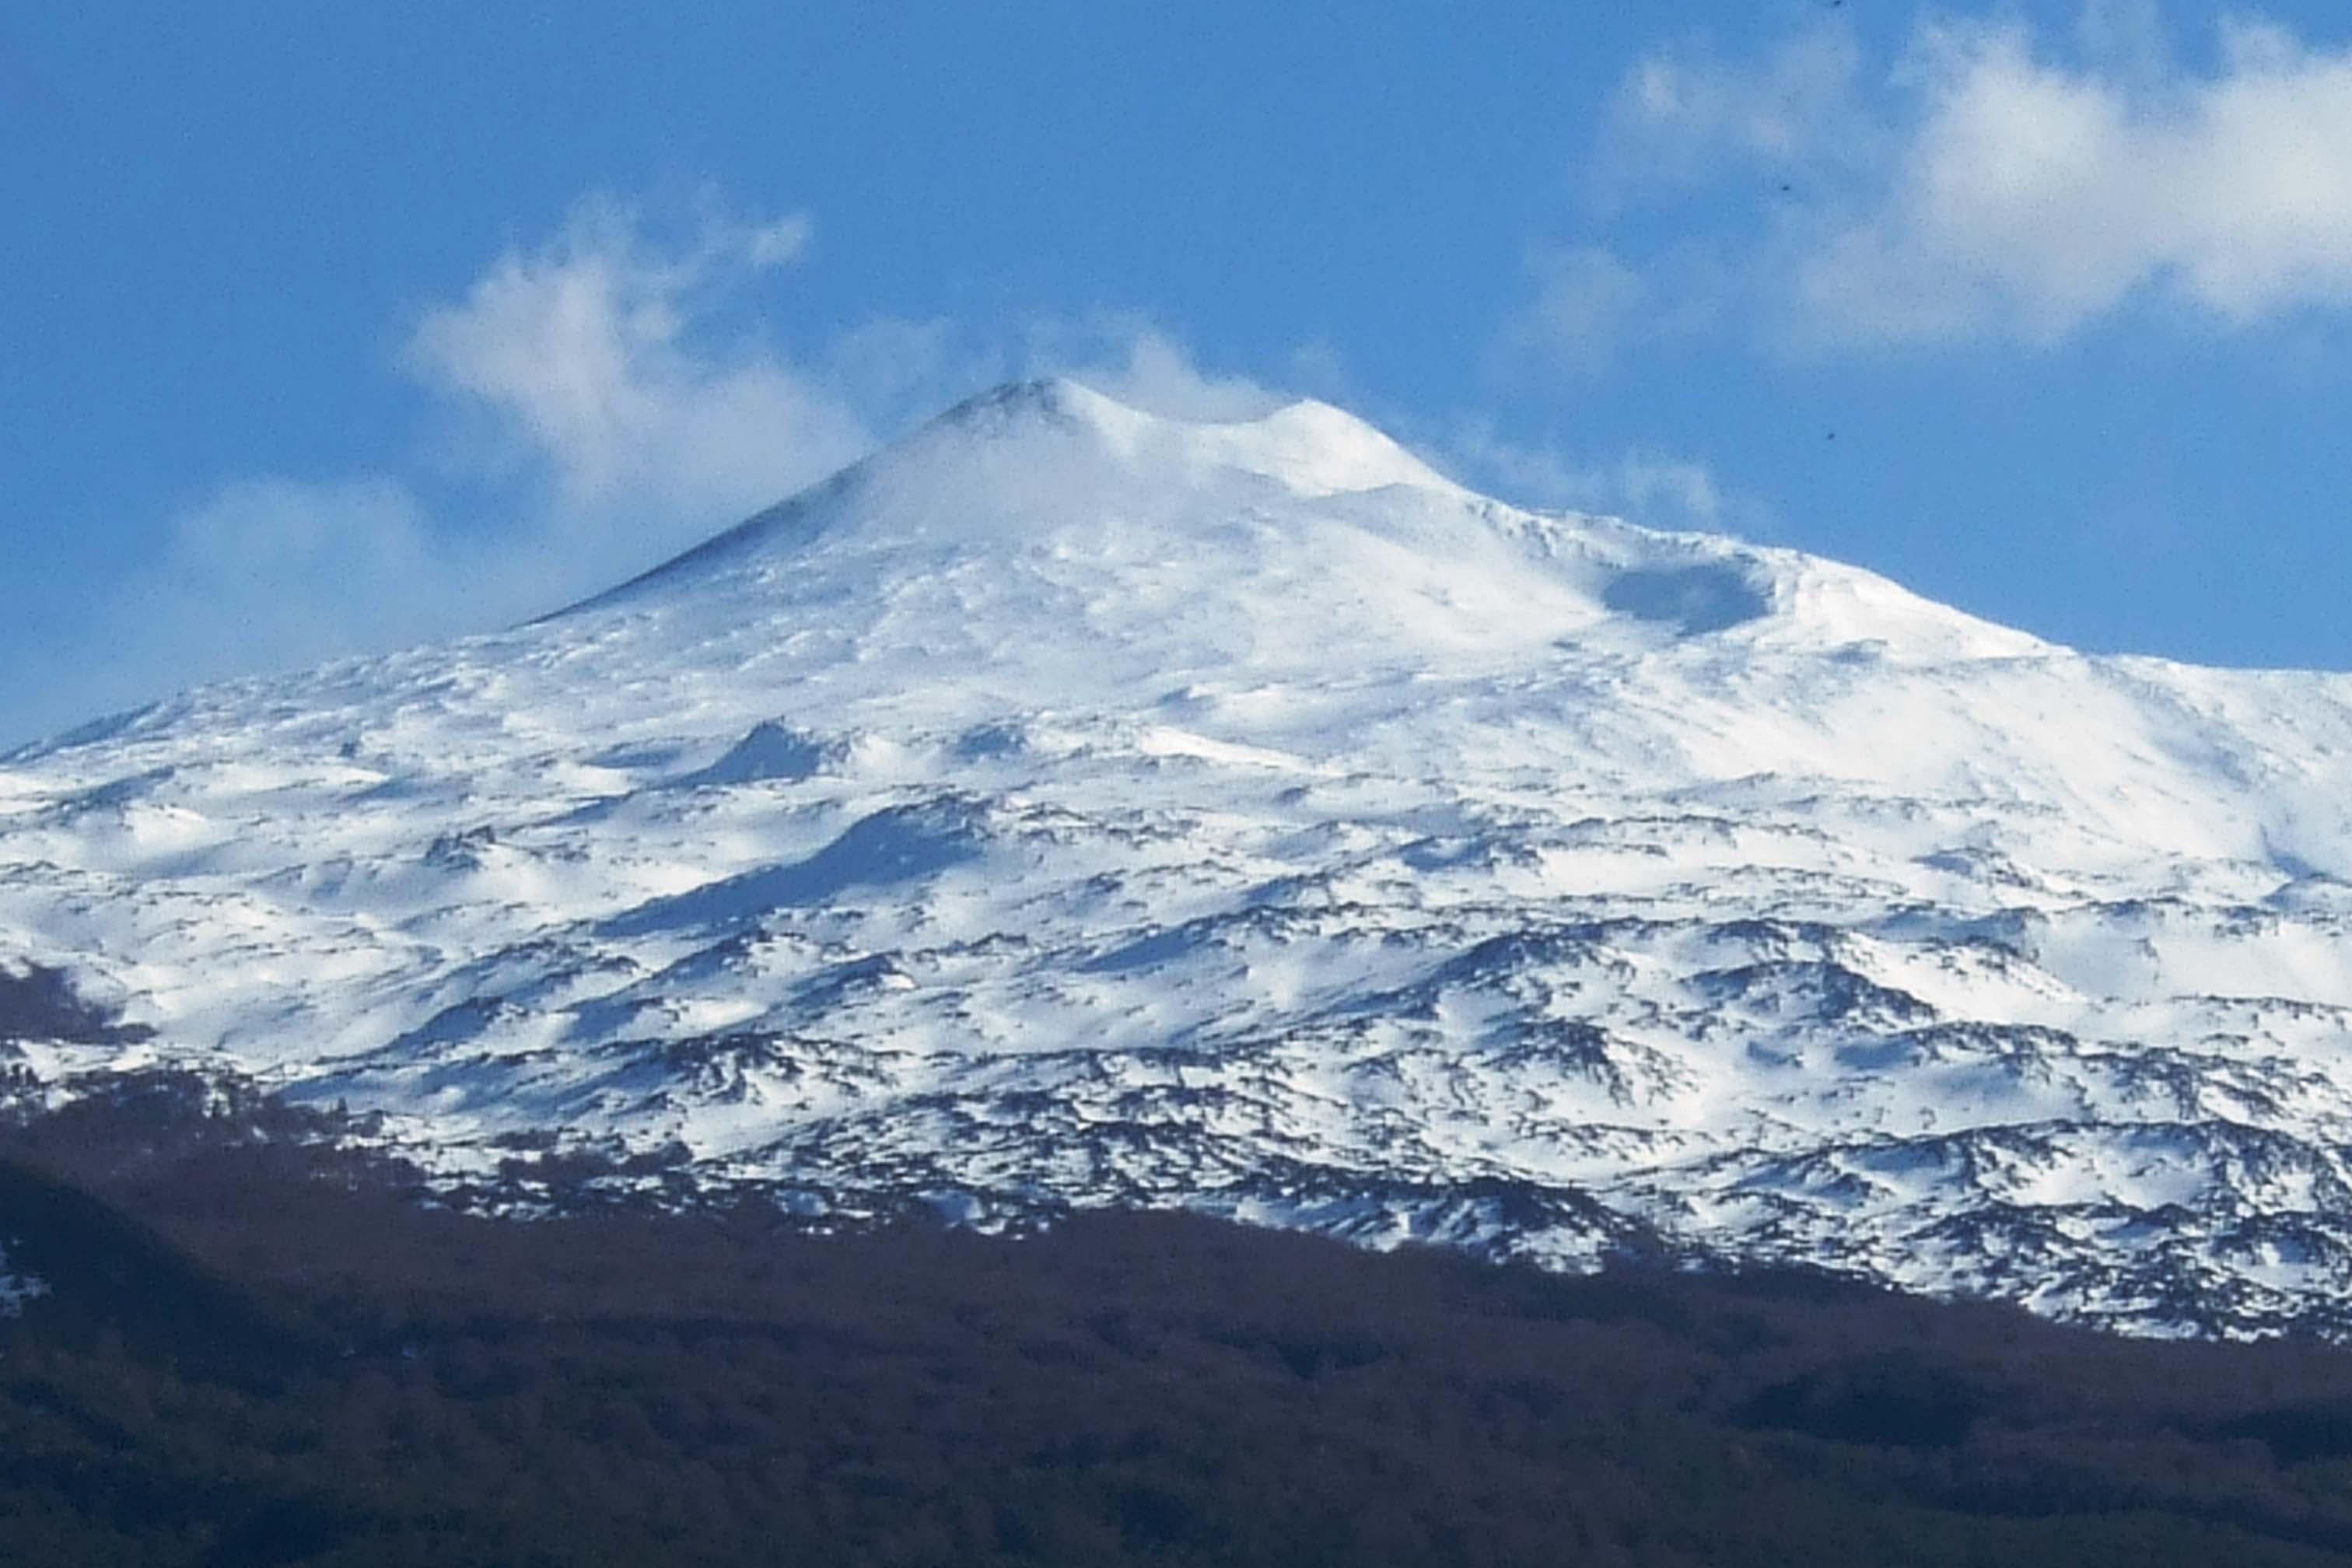 Jártál már az Etna-n?